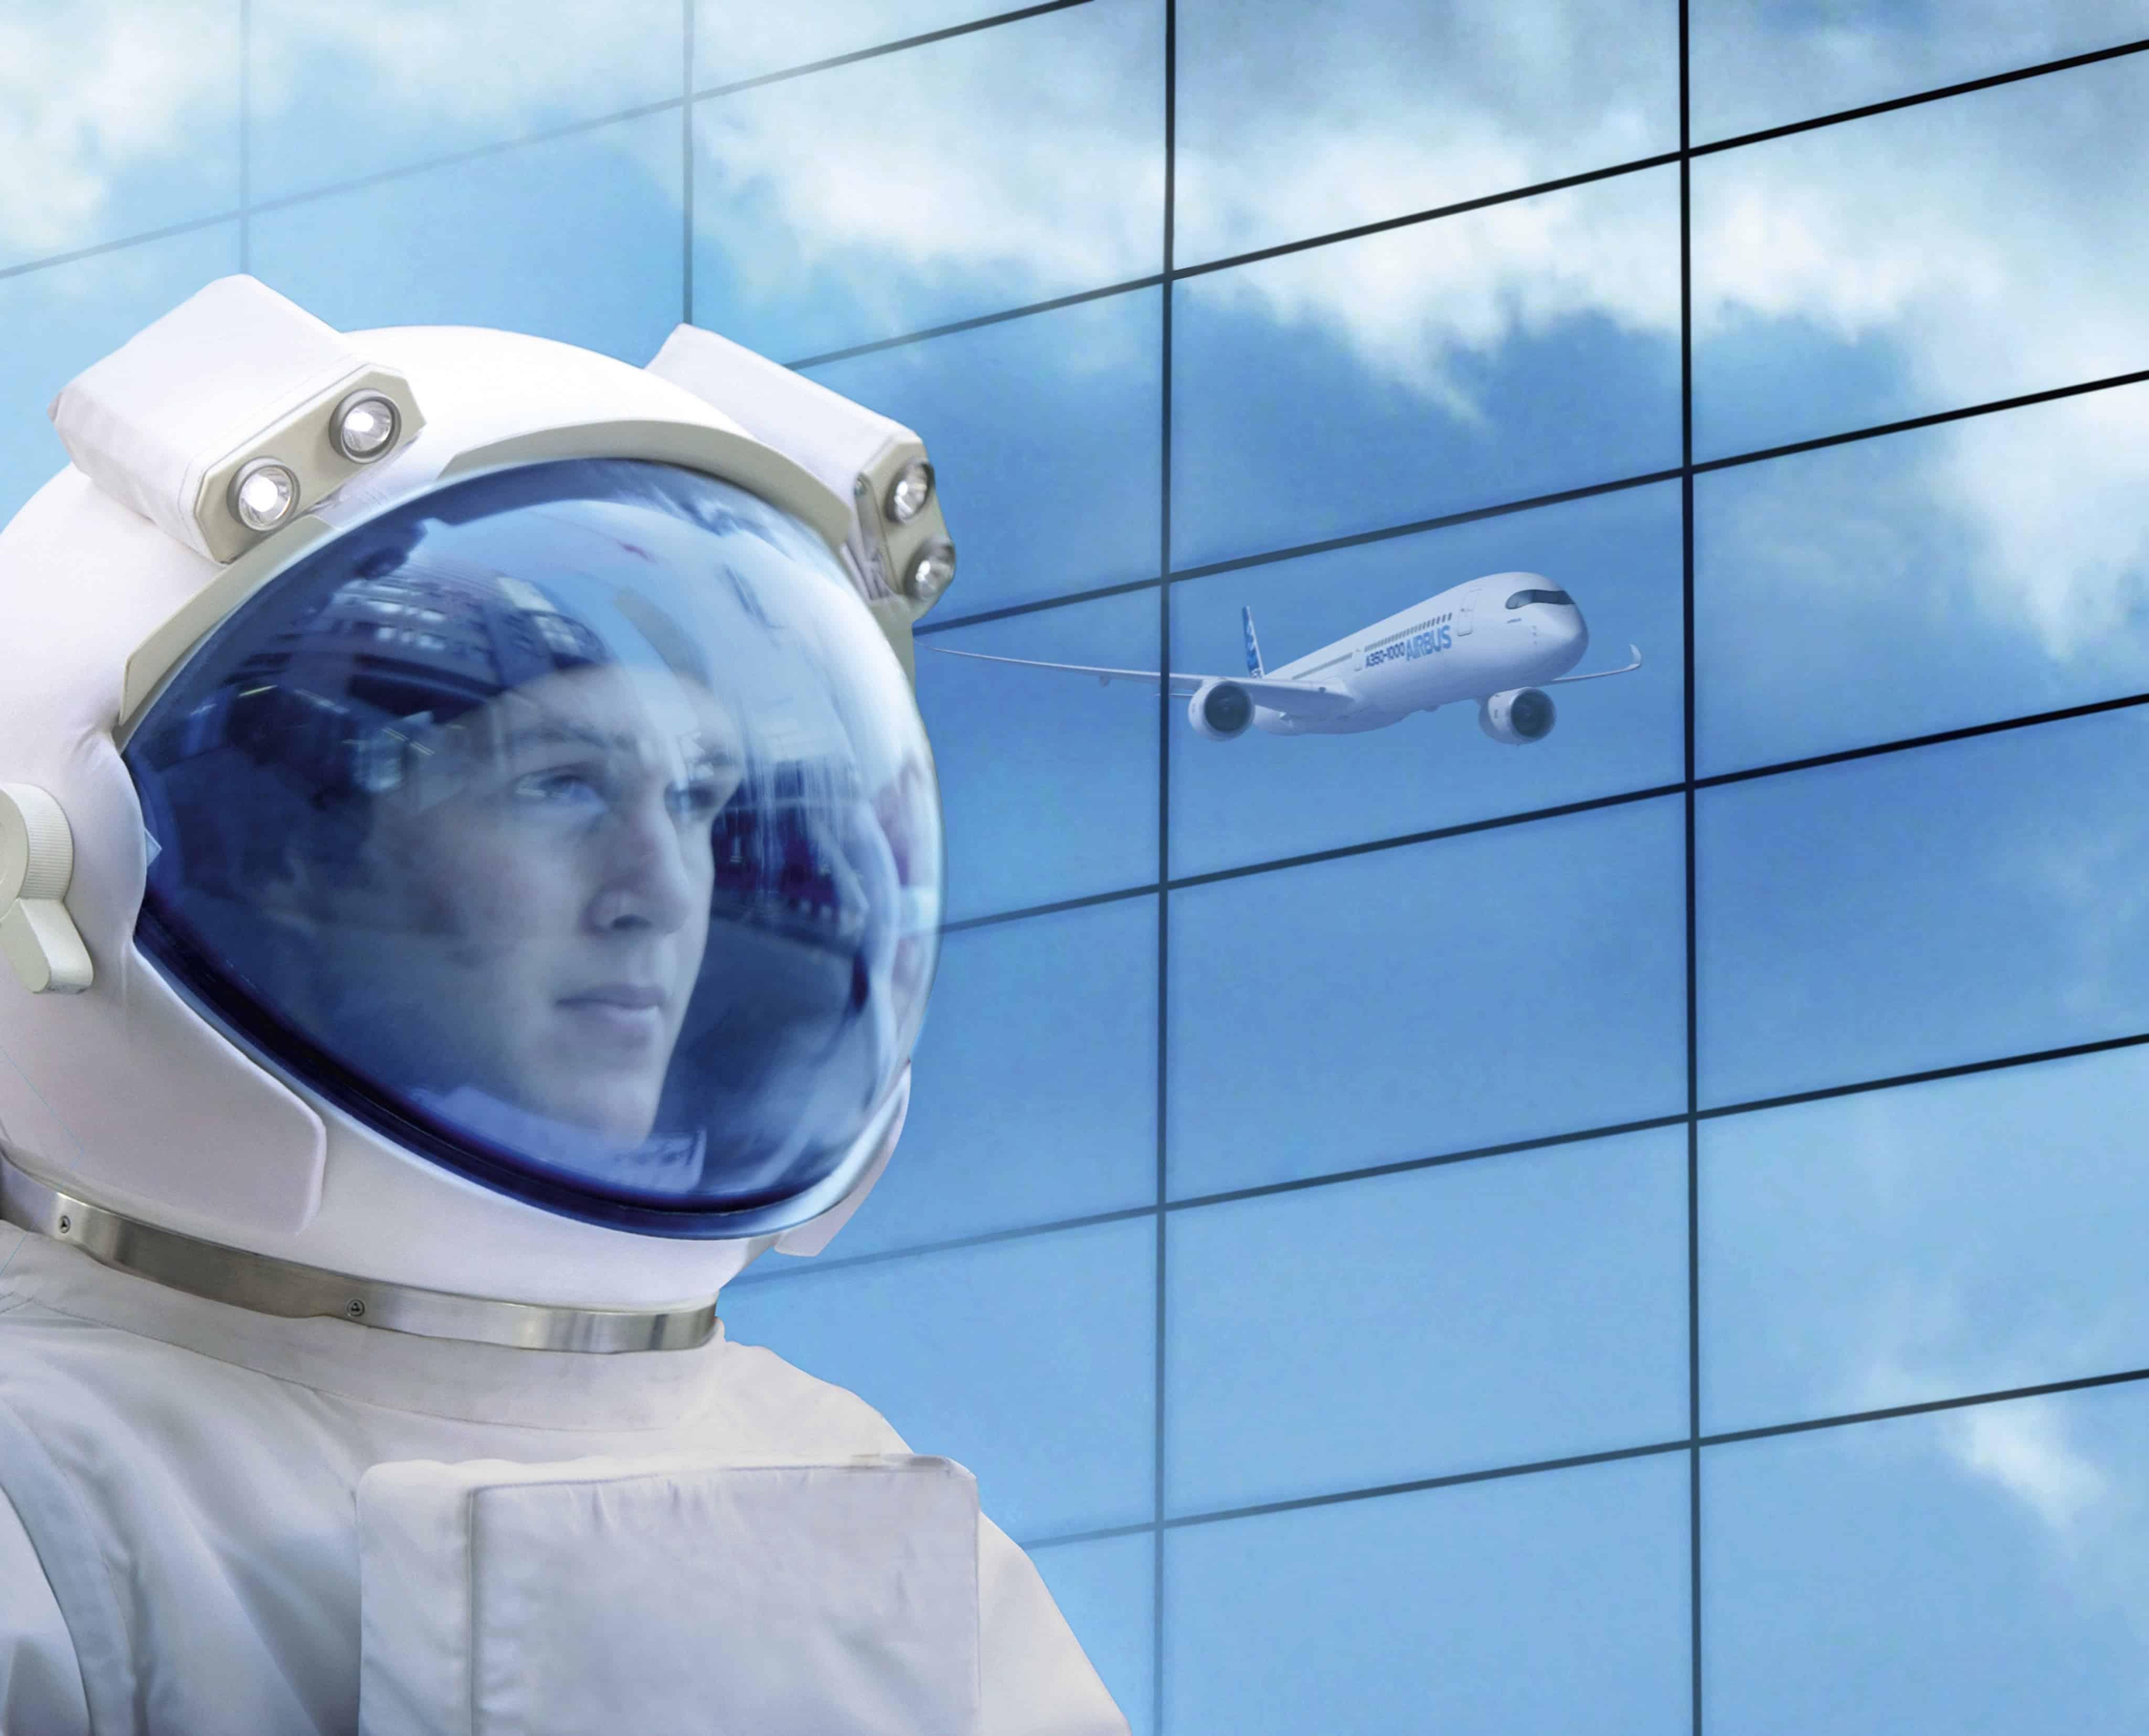 Eine Person in Astronautenkleidung vor einer Glaswand in der sich ein Flugzeug spiegelt